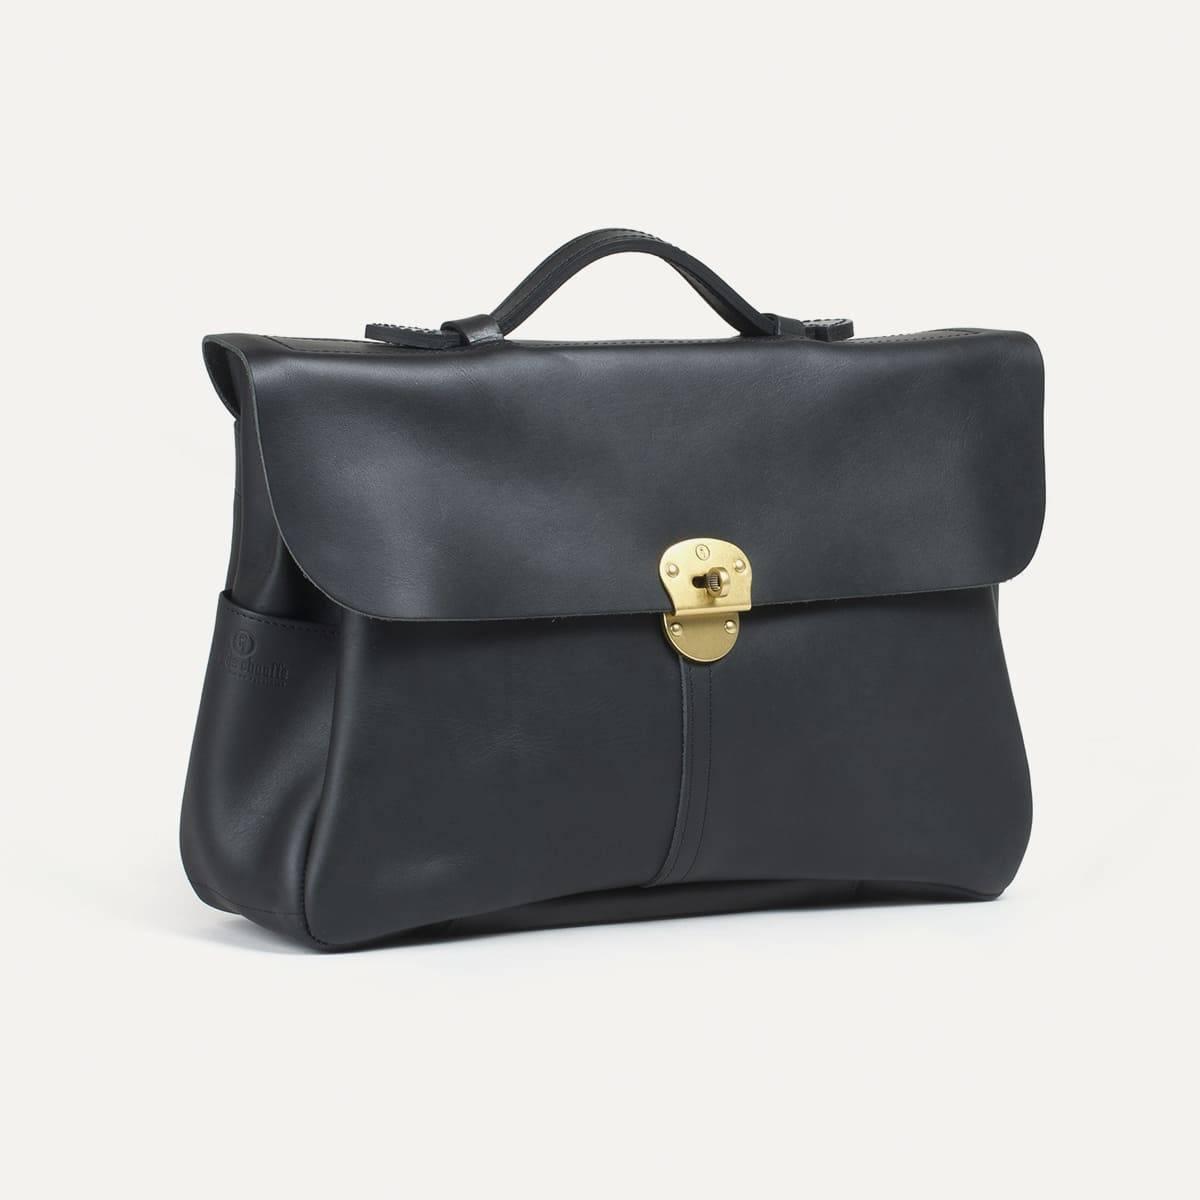 Hank bag - Black (image n°2)